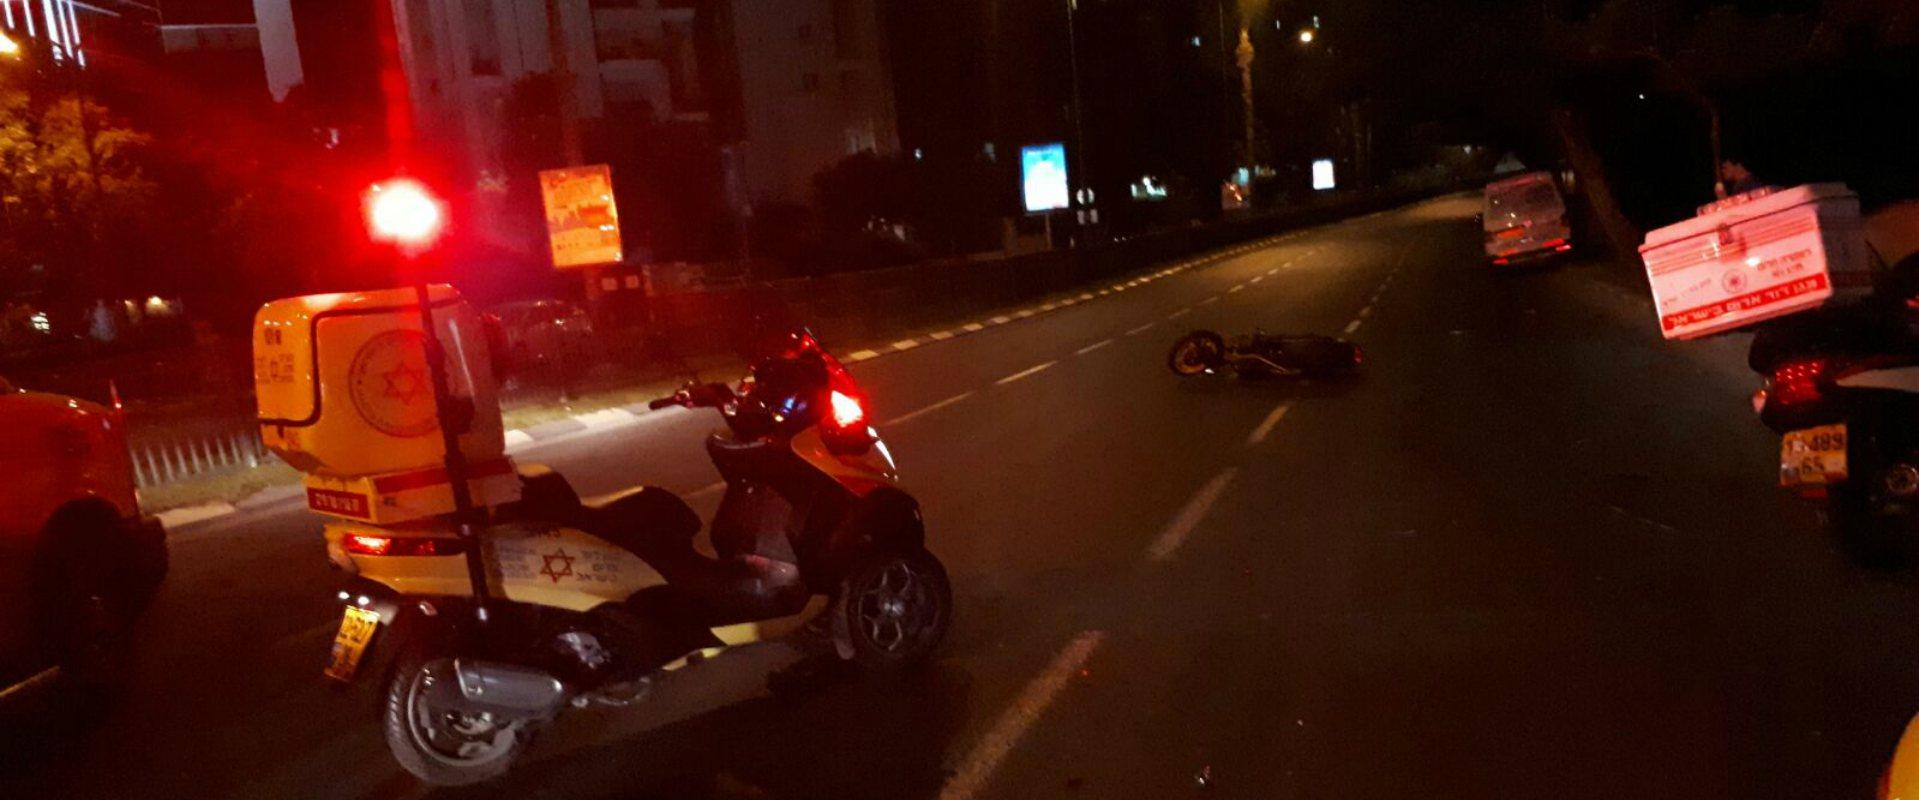 תאונת הדרכים ברמת גן הלילה